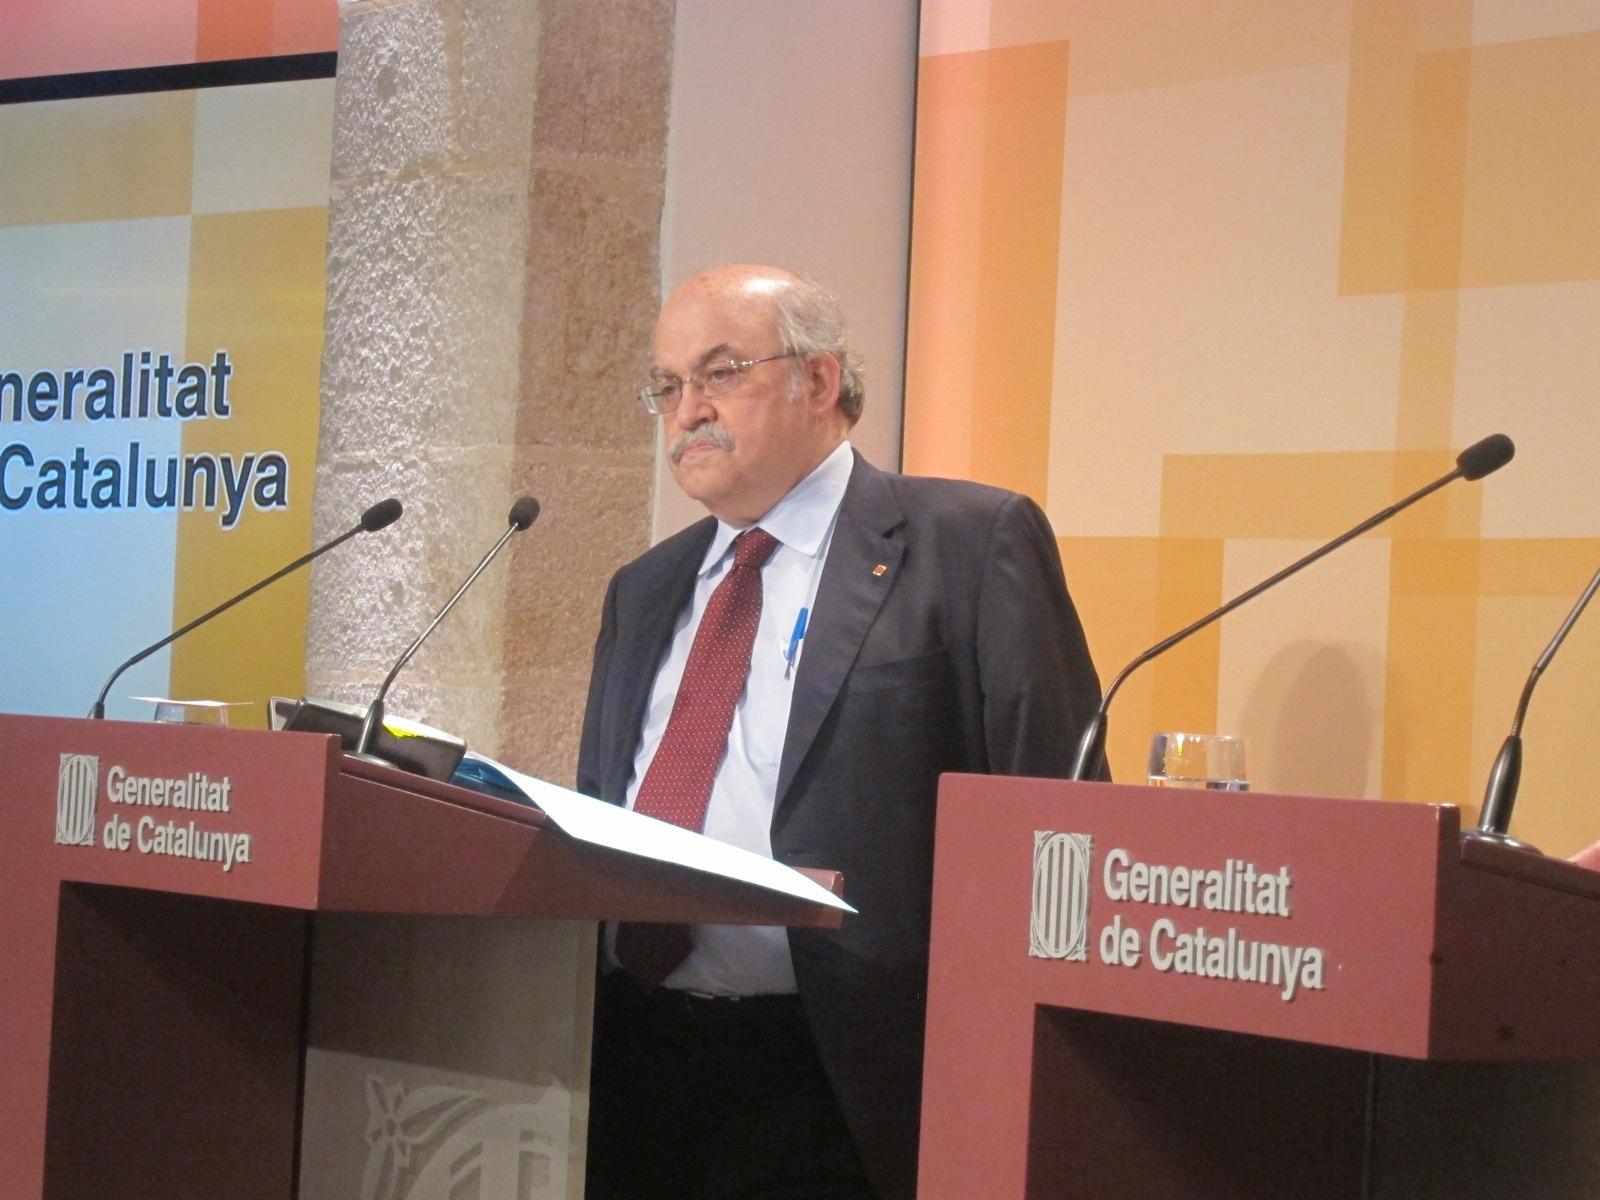 Cataluña reclama al Estado una compensación por la suspensión del impuesto bancario